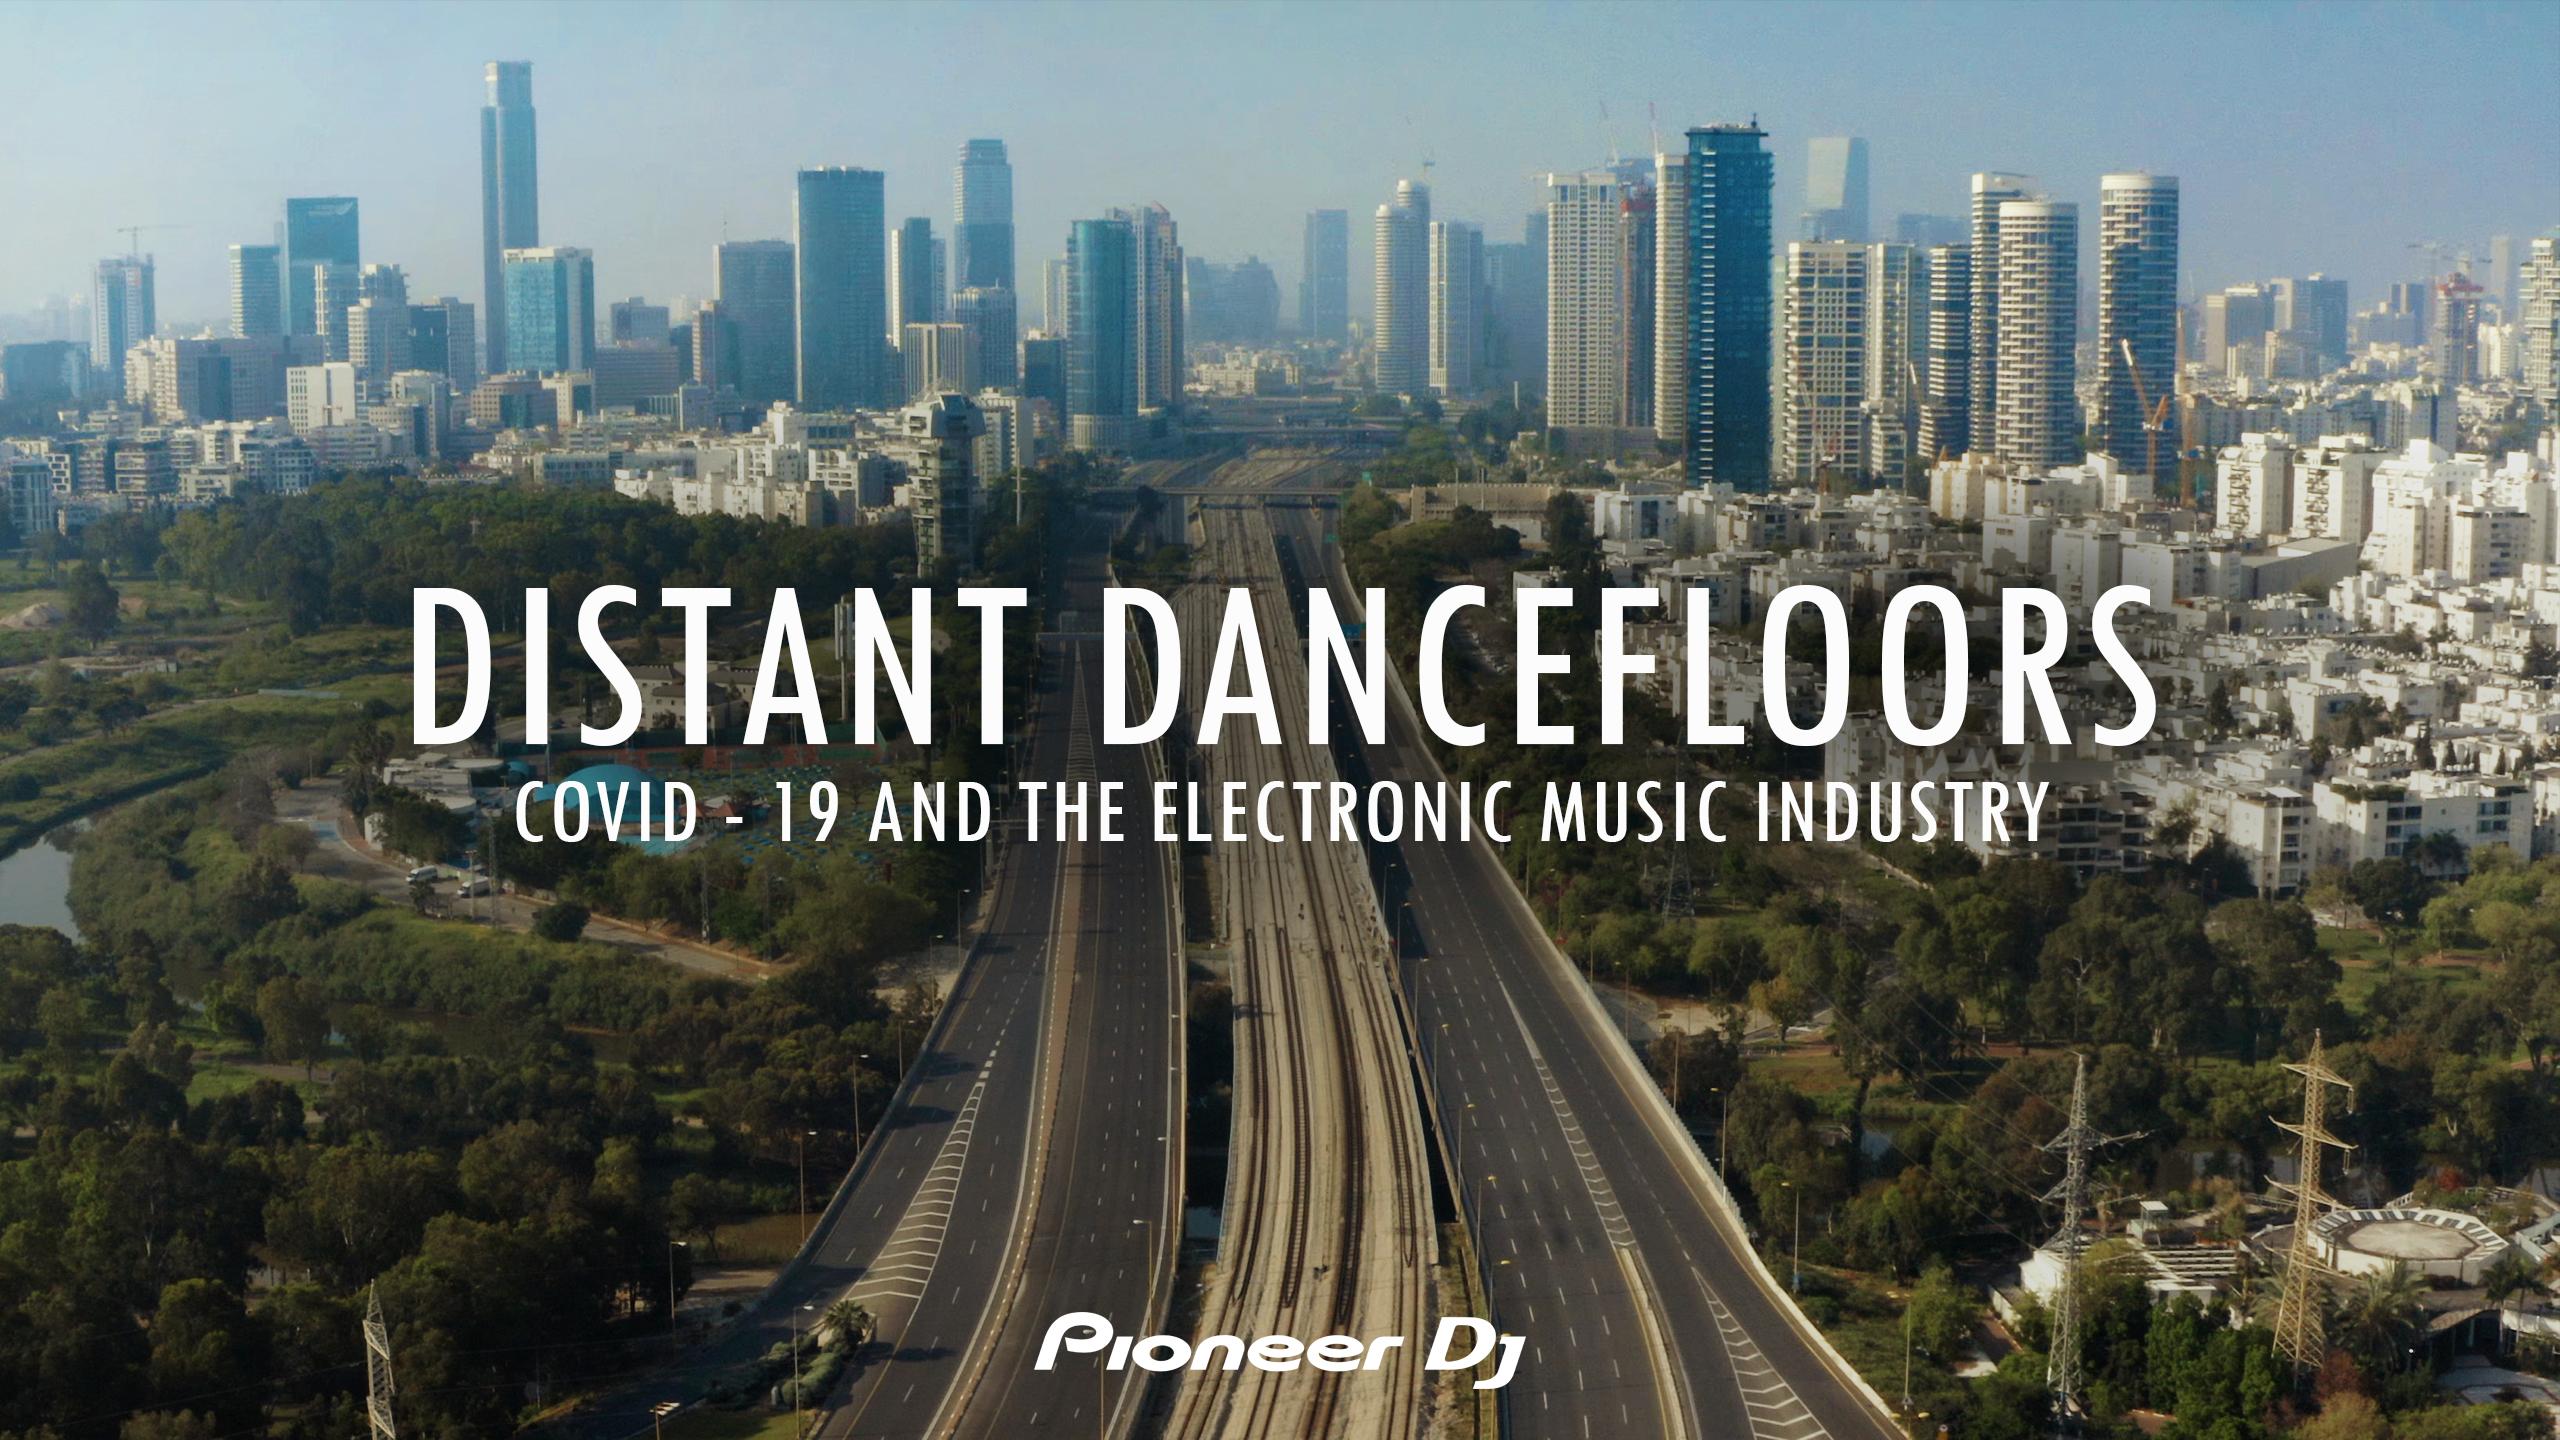 'Distant Dancefloors', Pioneer DJ analiza el impacto del COVID-19 en la música electrónica